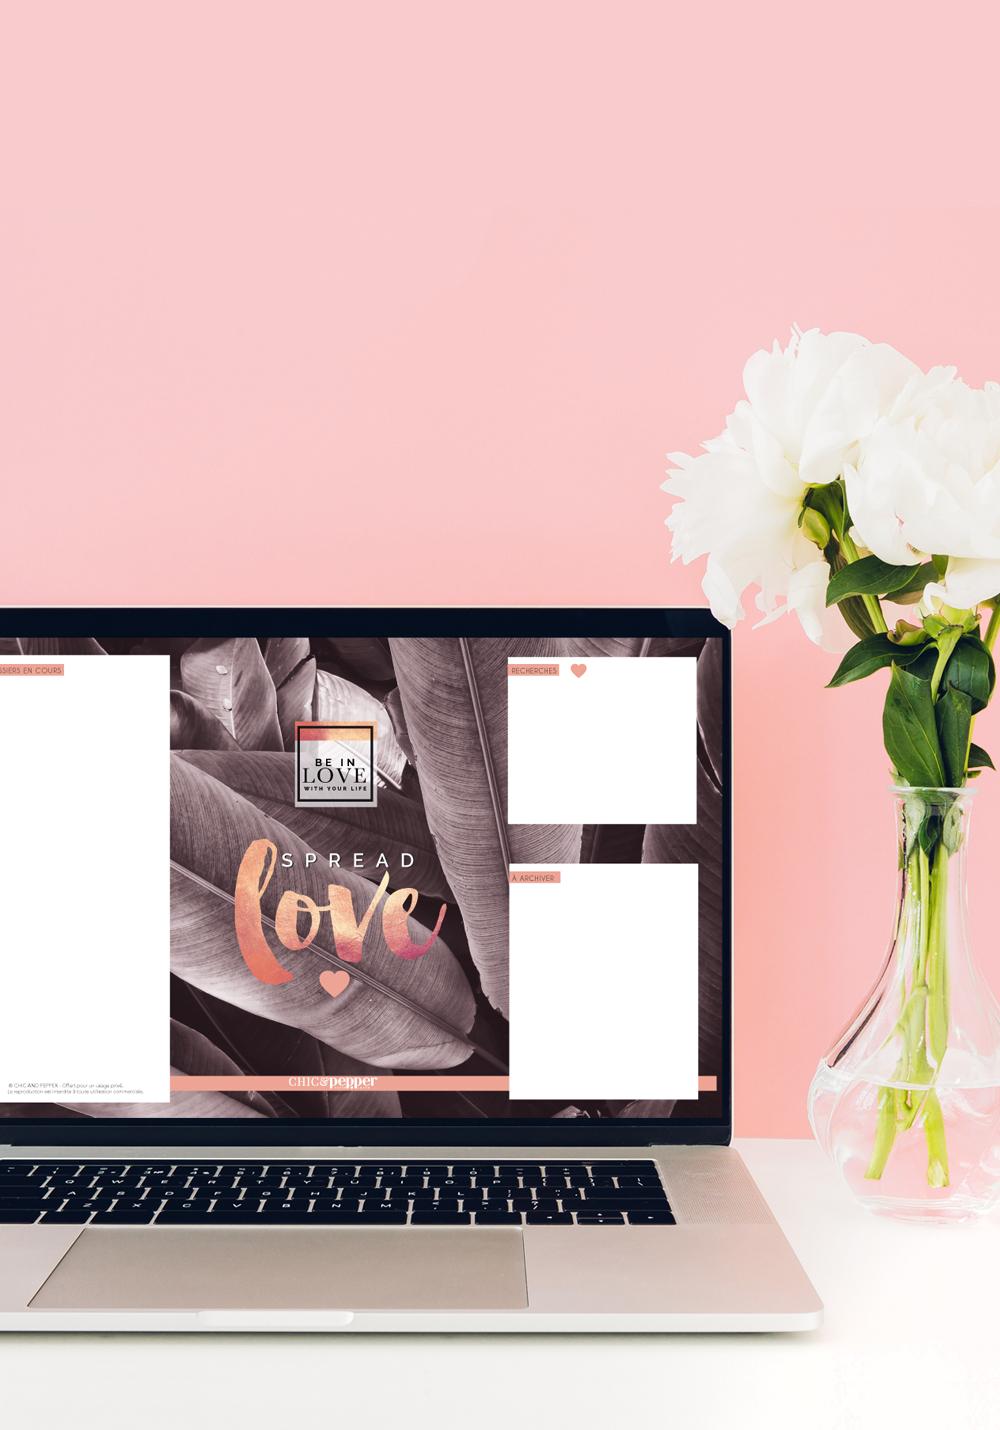 Air Chic Design:disque externe:EXOChic:1 -POSTS:1 - ARTICLES:2018:02 - FÉVRIER:01 CALENDRIER FÉVRIER 2018:image blog:Calendrier fond ecran fevrier Exochic X Chic and Pepper c.jpg